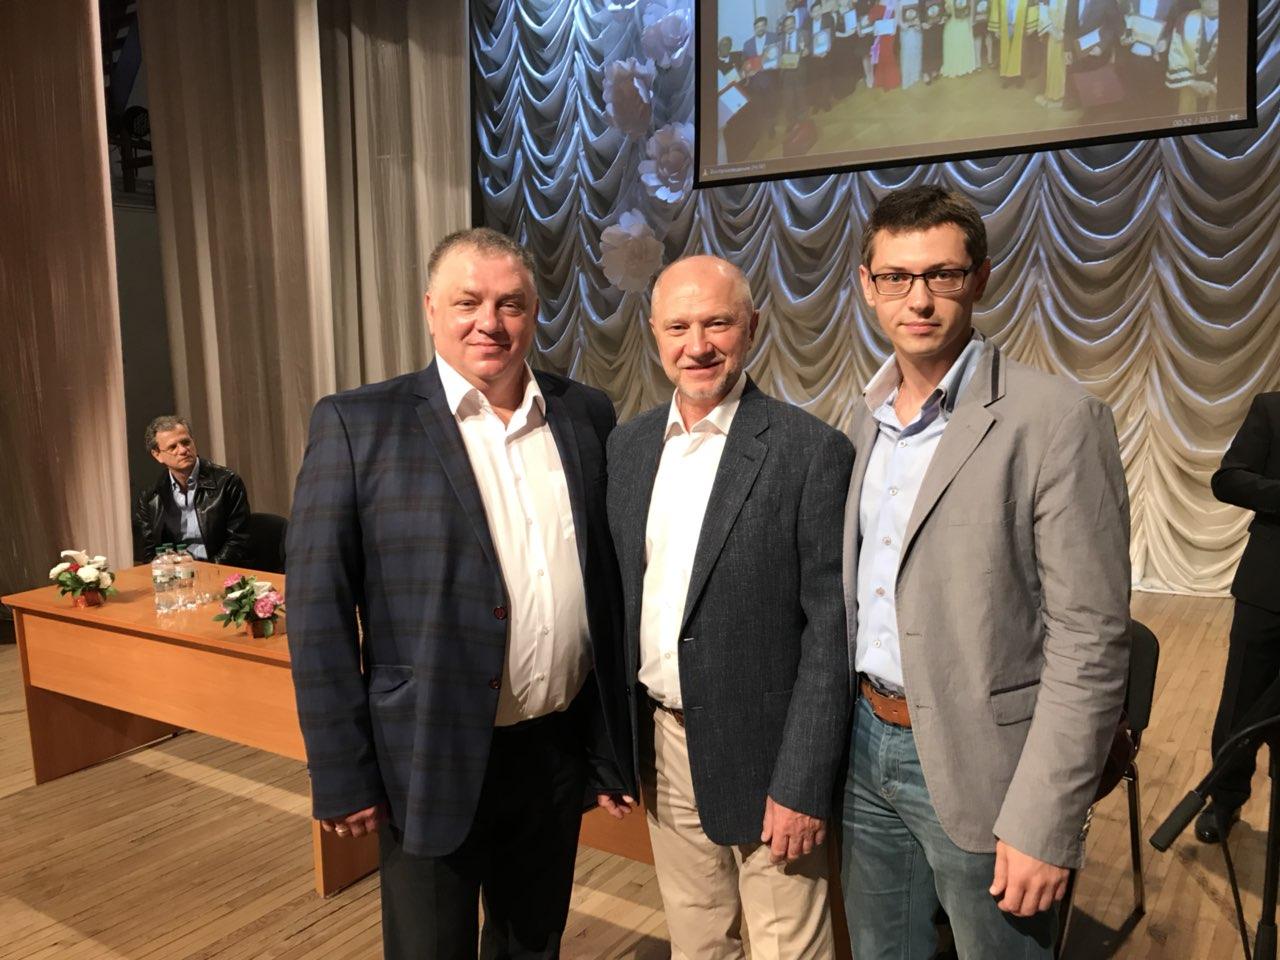 7ий міжнародний українсько-австрійський симпозіум «Актуальні питання ортопедії та травматології» 18-19 травня 2018